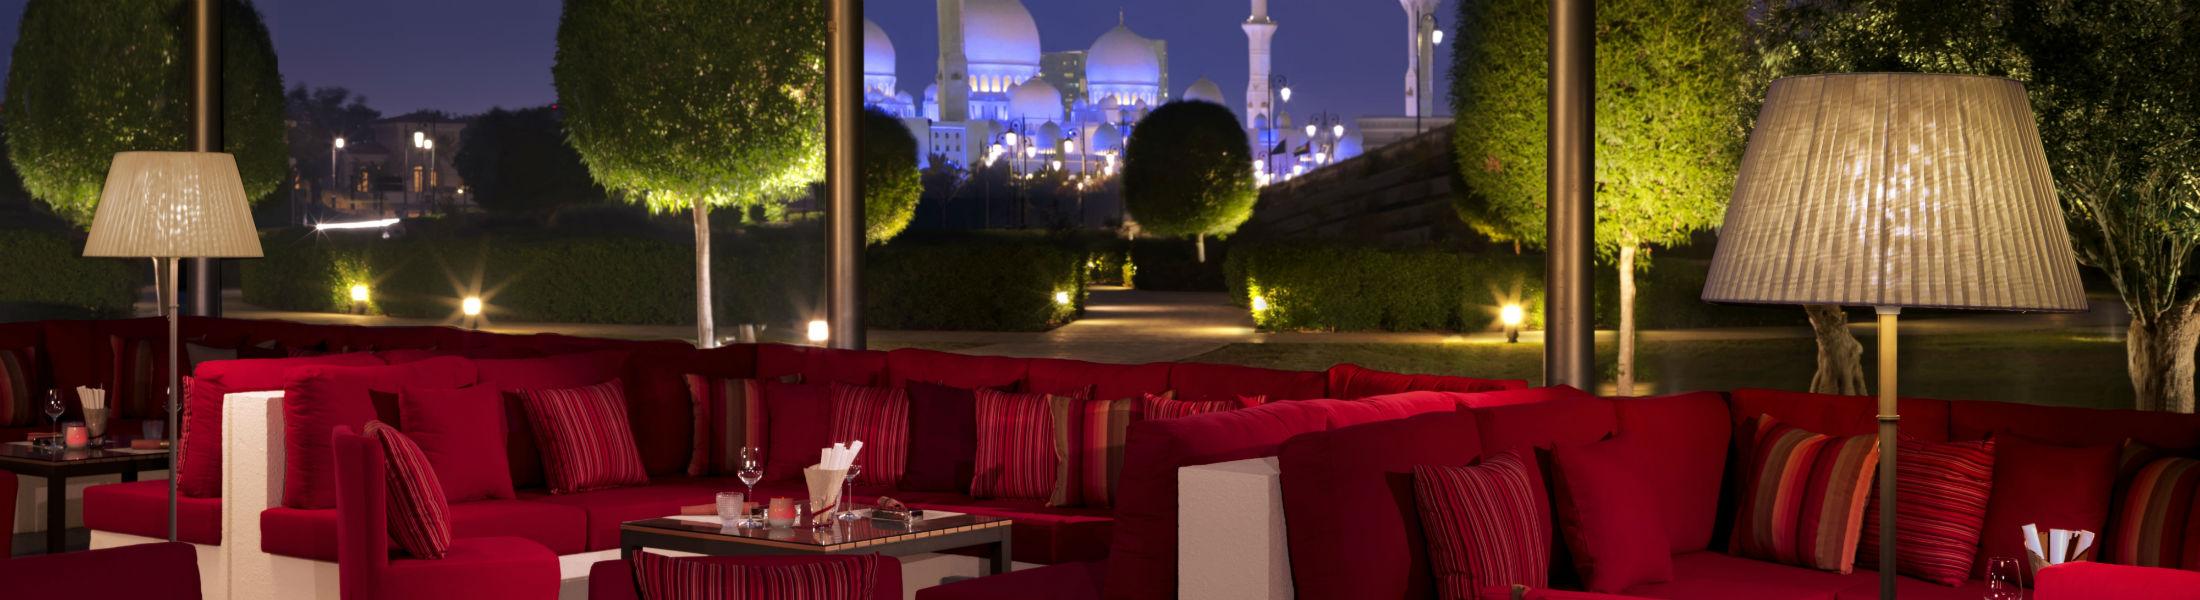 Li Jiang Ritz Cartlon Abu Dhabi